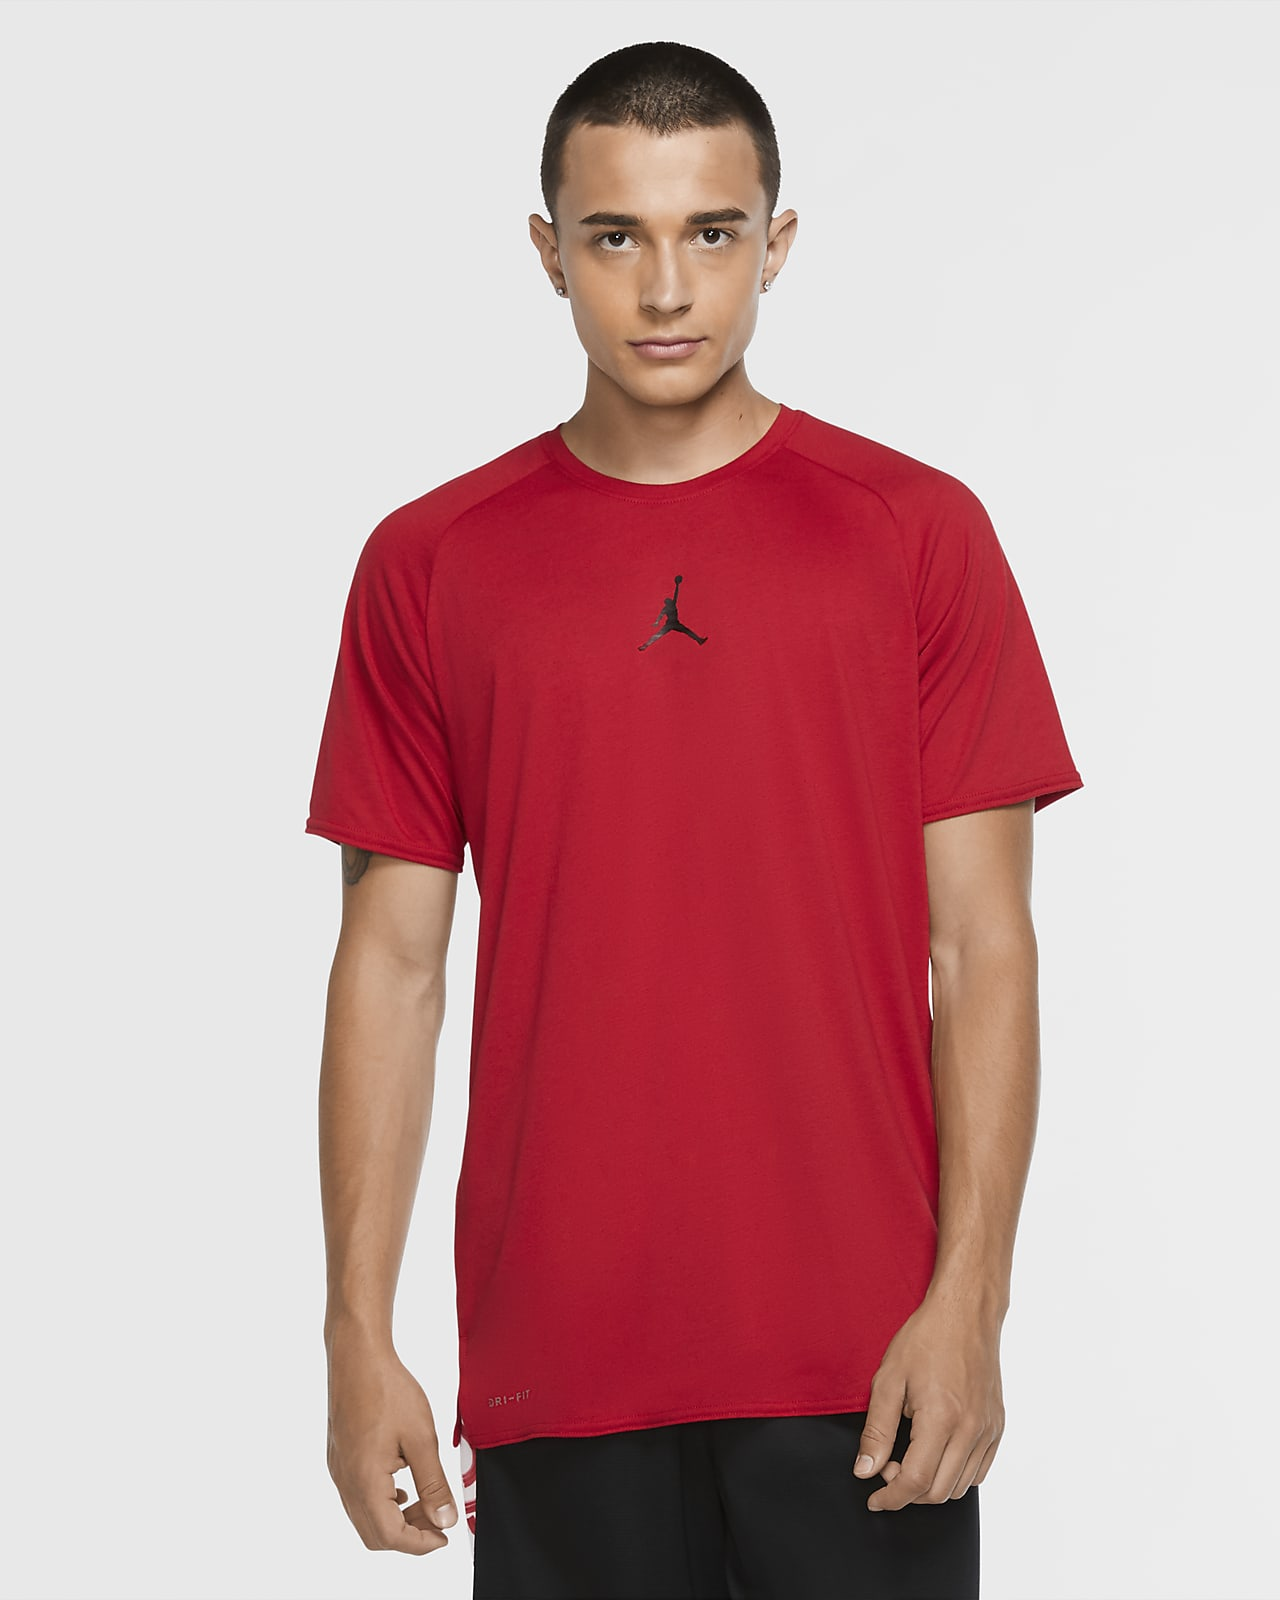 Jordan Air Men's Short-Sleeve Training Top